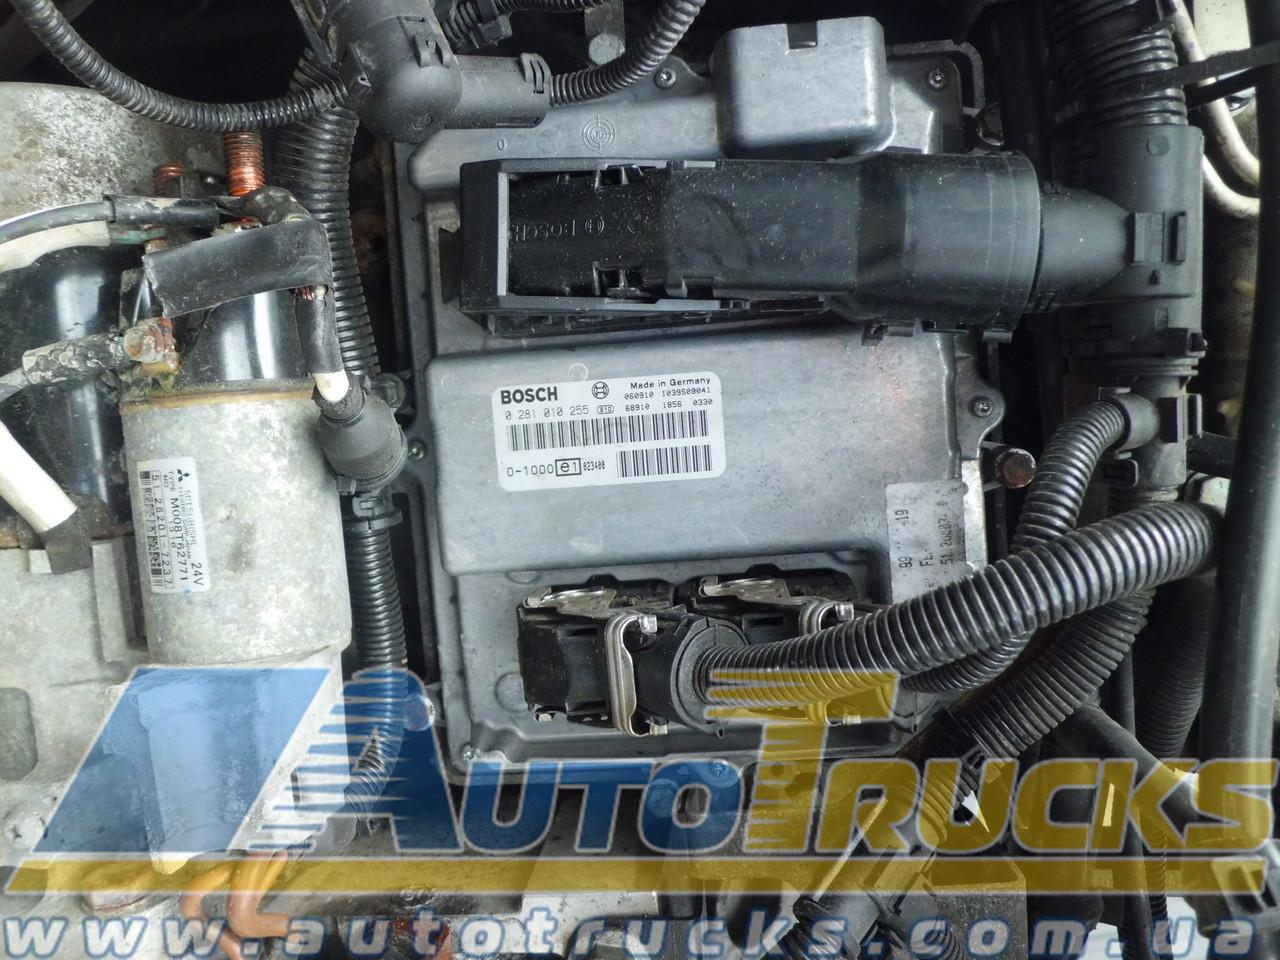 Электрооборудование двигателя Б/у для MAN TGL (51.25803.7063)